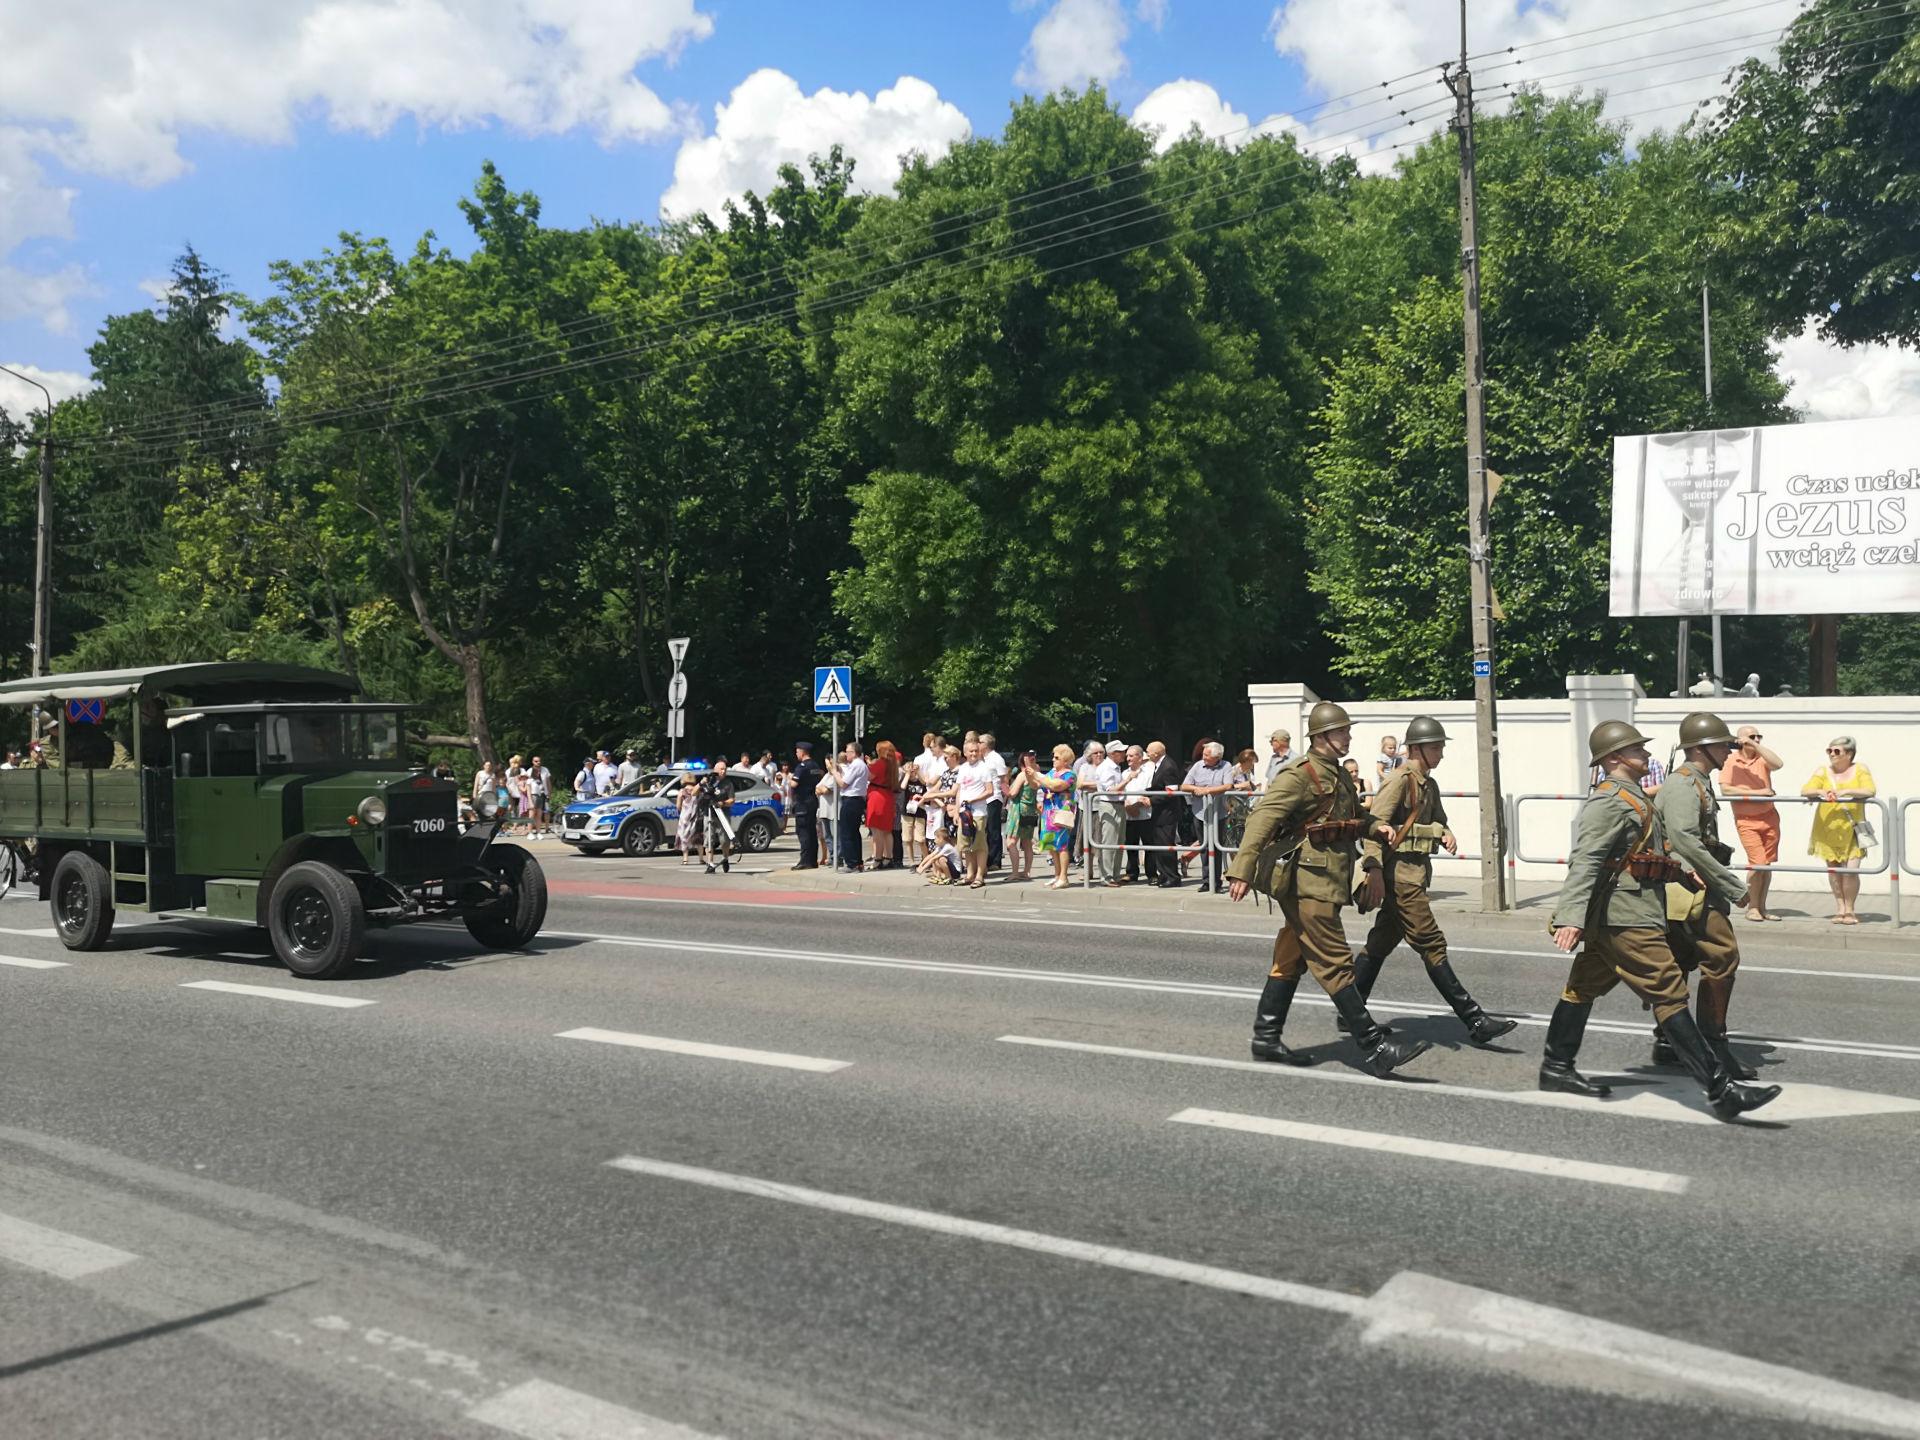 Parada z okazji obchodów 100-lecia przybycia 7 Pułku Ułanów Lubelskich do Mińska Mazowieckiego. Ulicą miasta idzie czterech żołnierzy ubranych w historyczne, zielone mundury; na głowach mają hełmy. Za nimi podąża zabytkowy samochód wojskowy.